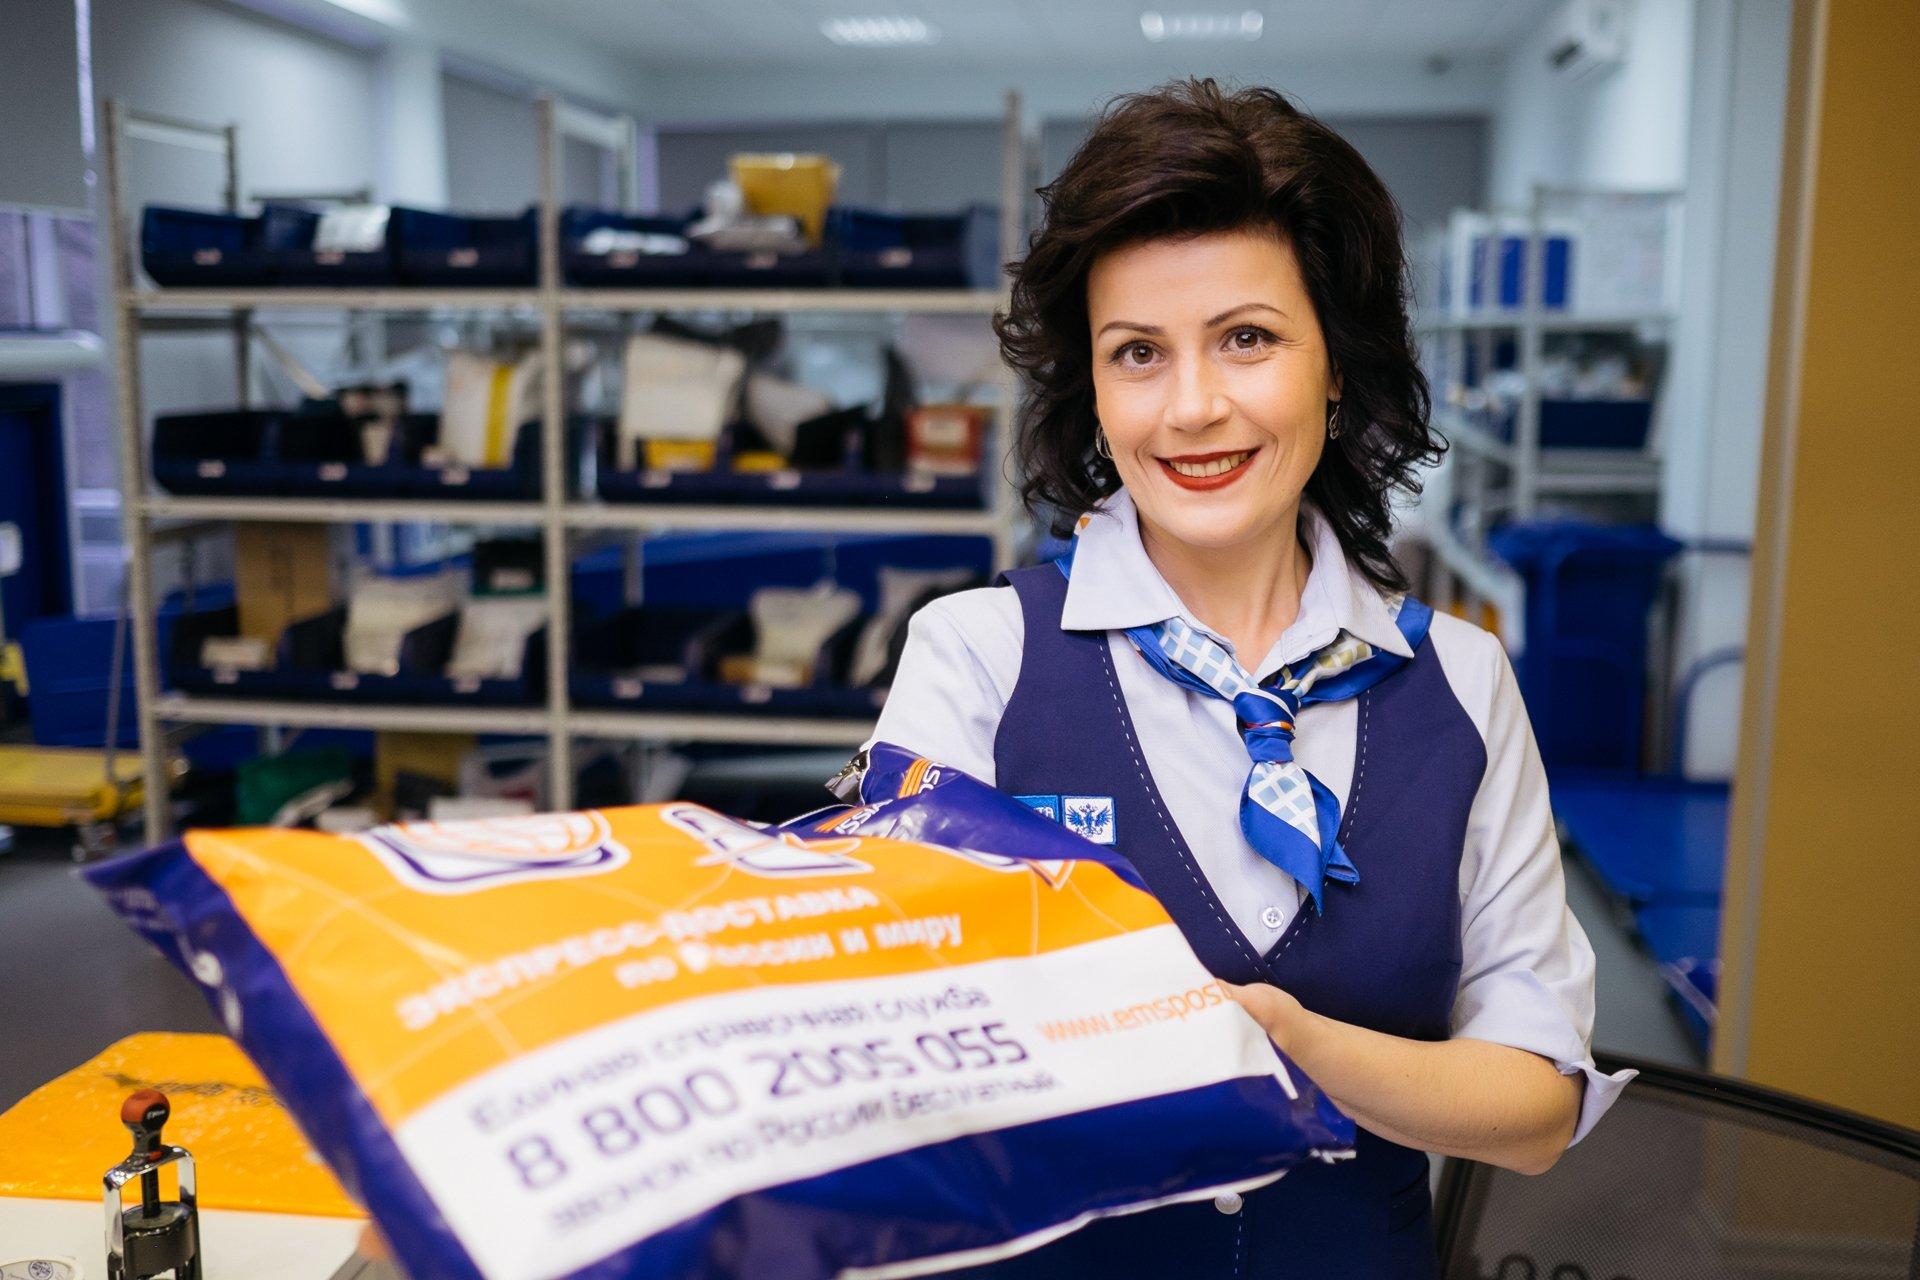 Мамы днем, фото с надписью почта россии